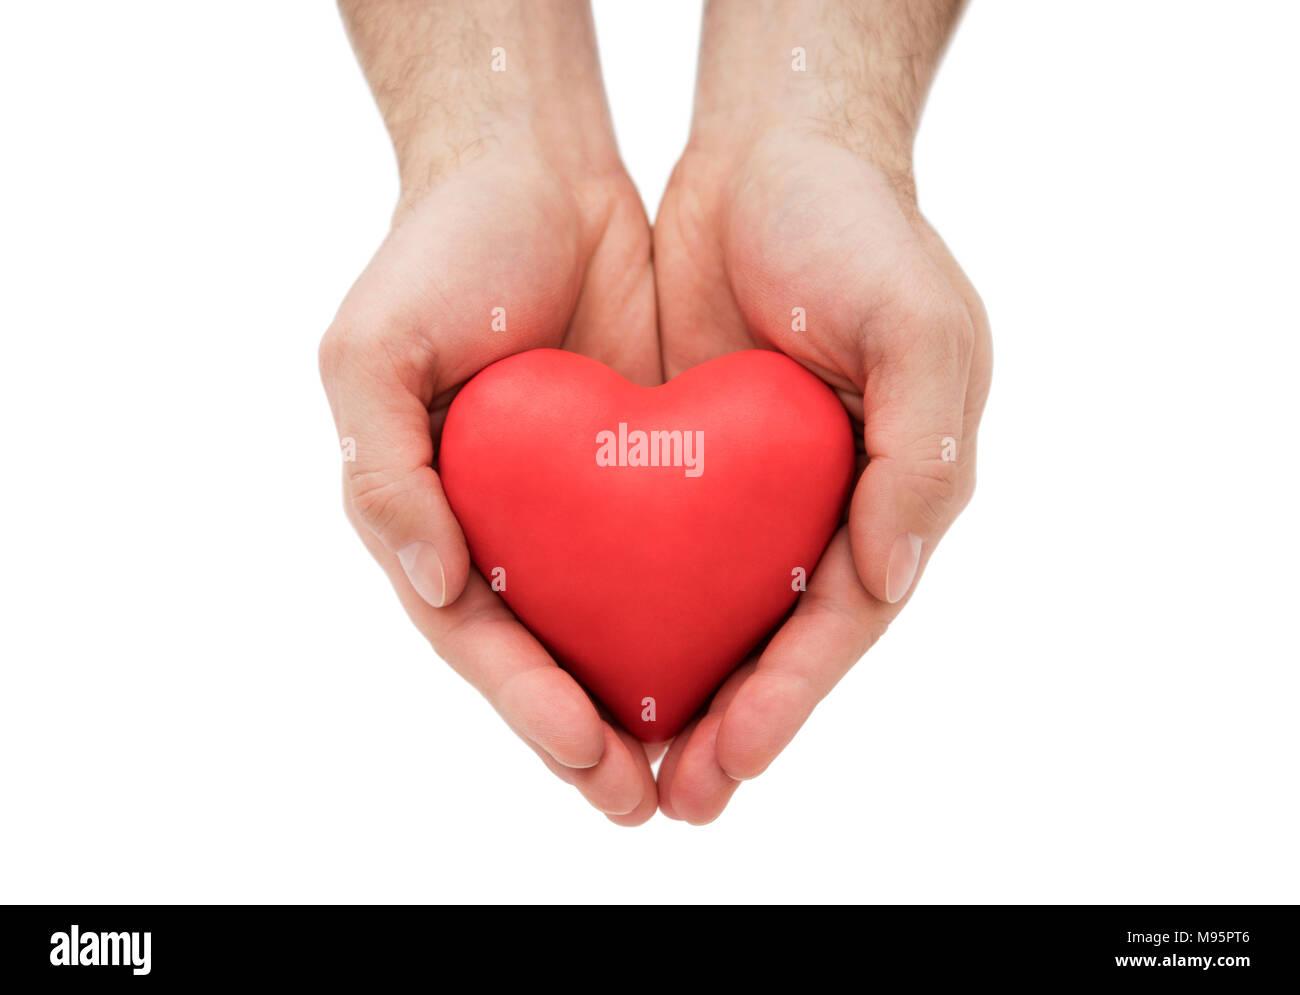 Corazón rojo en manos del hombre. Los seguros de salud o amor concepto Imagen De Stock